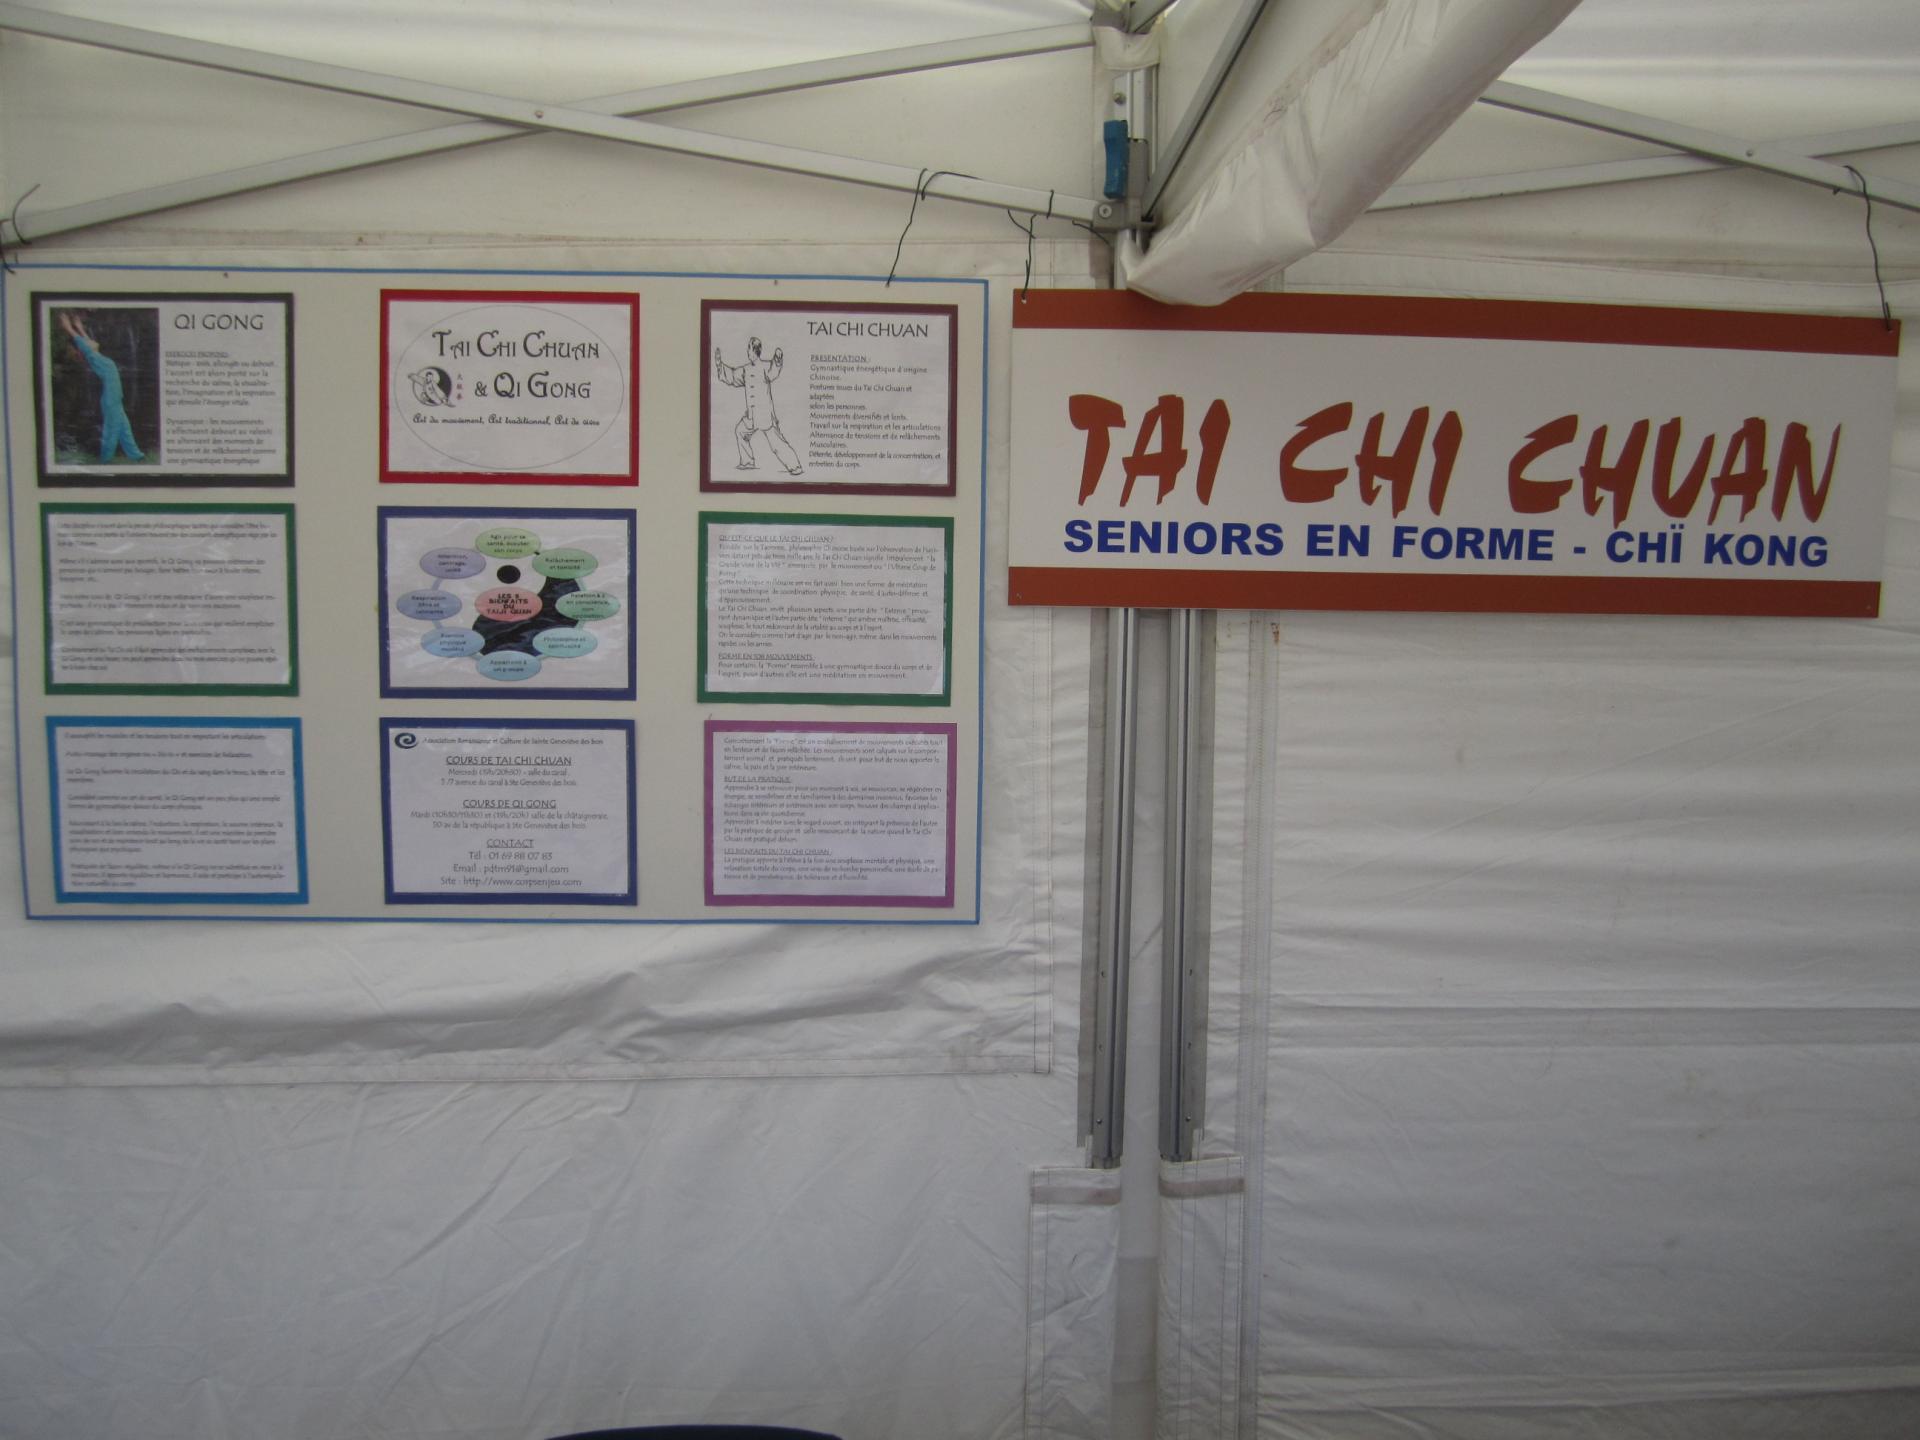 TAI CHI CHWAN